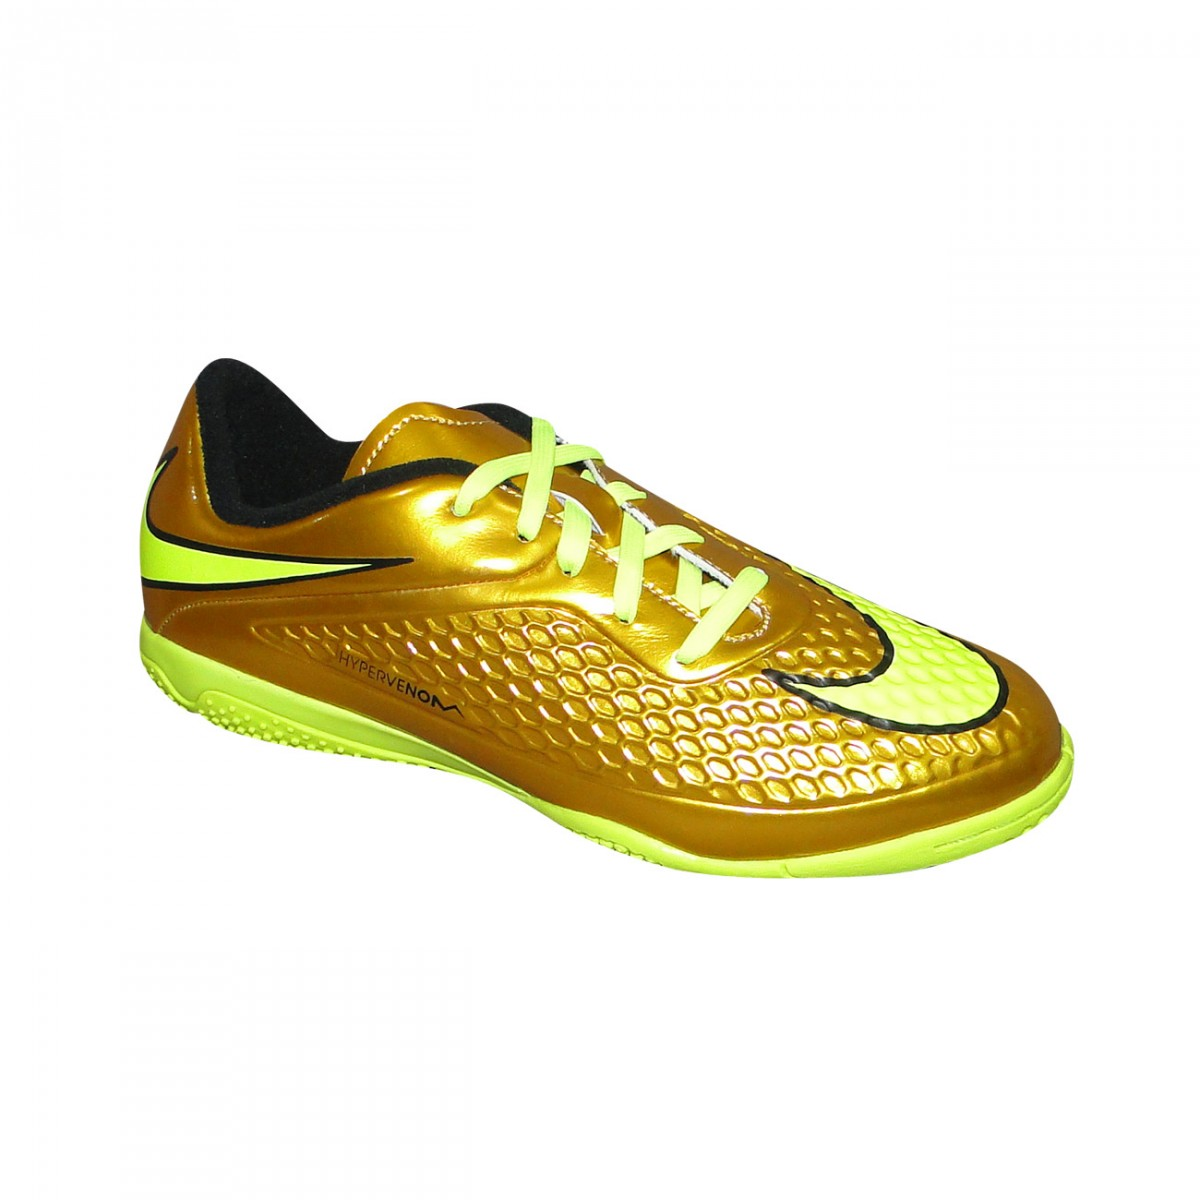 9da61d74ae221 Tenis Nike Hypervenom Phelon Infantil 677590 907 - Dourado Limão - Chuteira  Nike